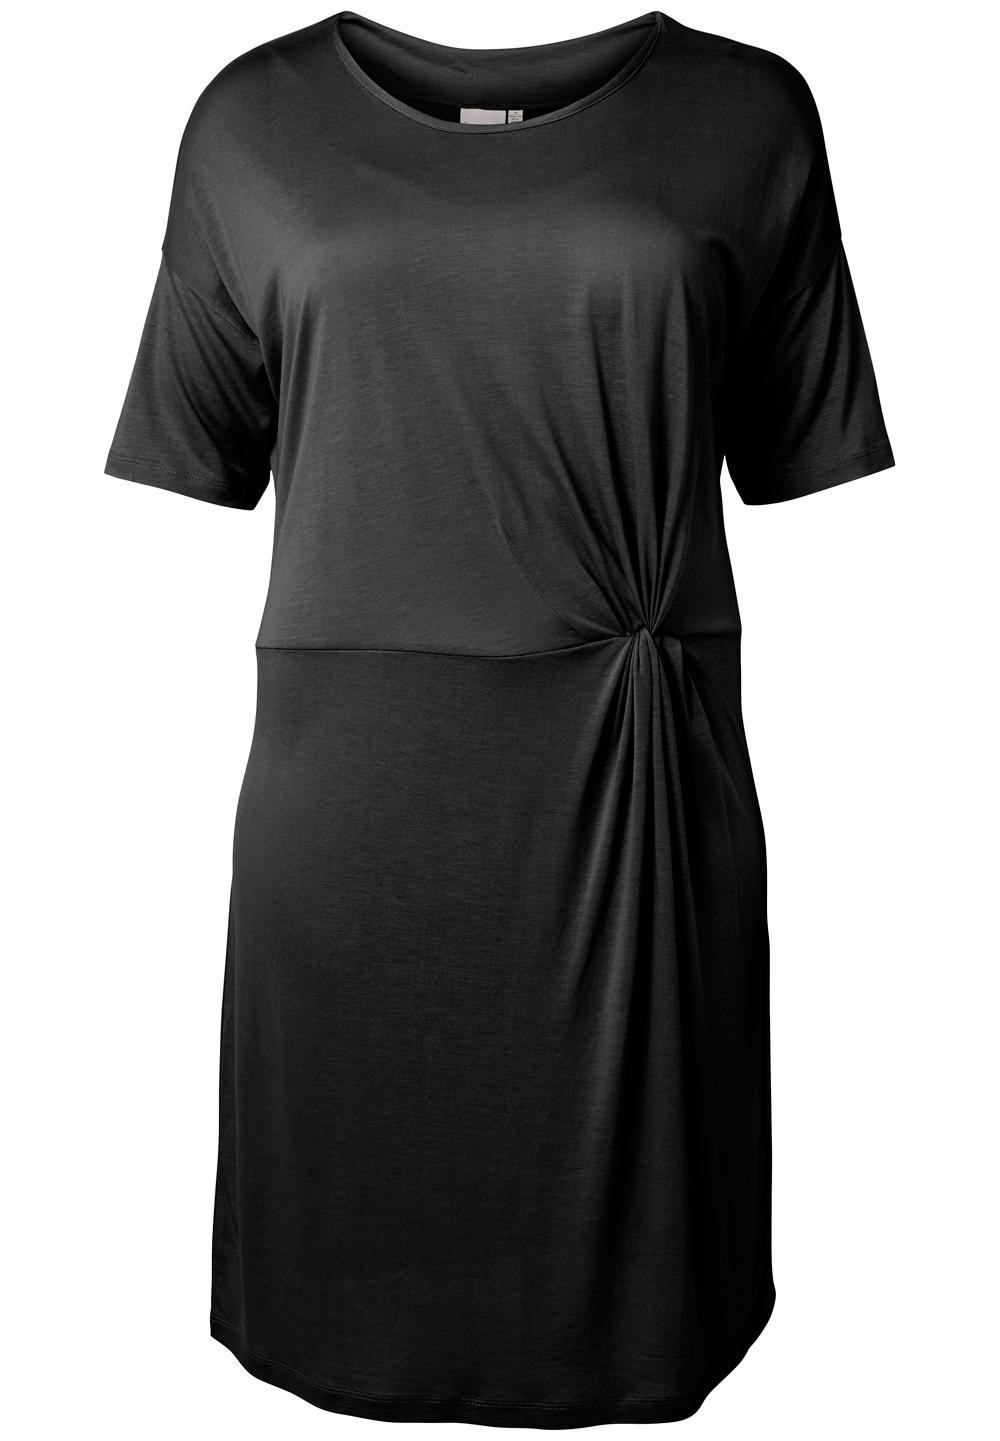 Kjole Pusle Junarose Kjoler til Kvinder i Sort